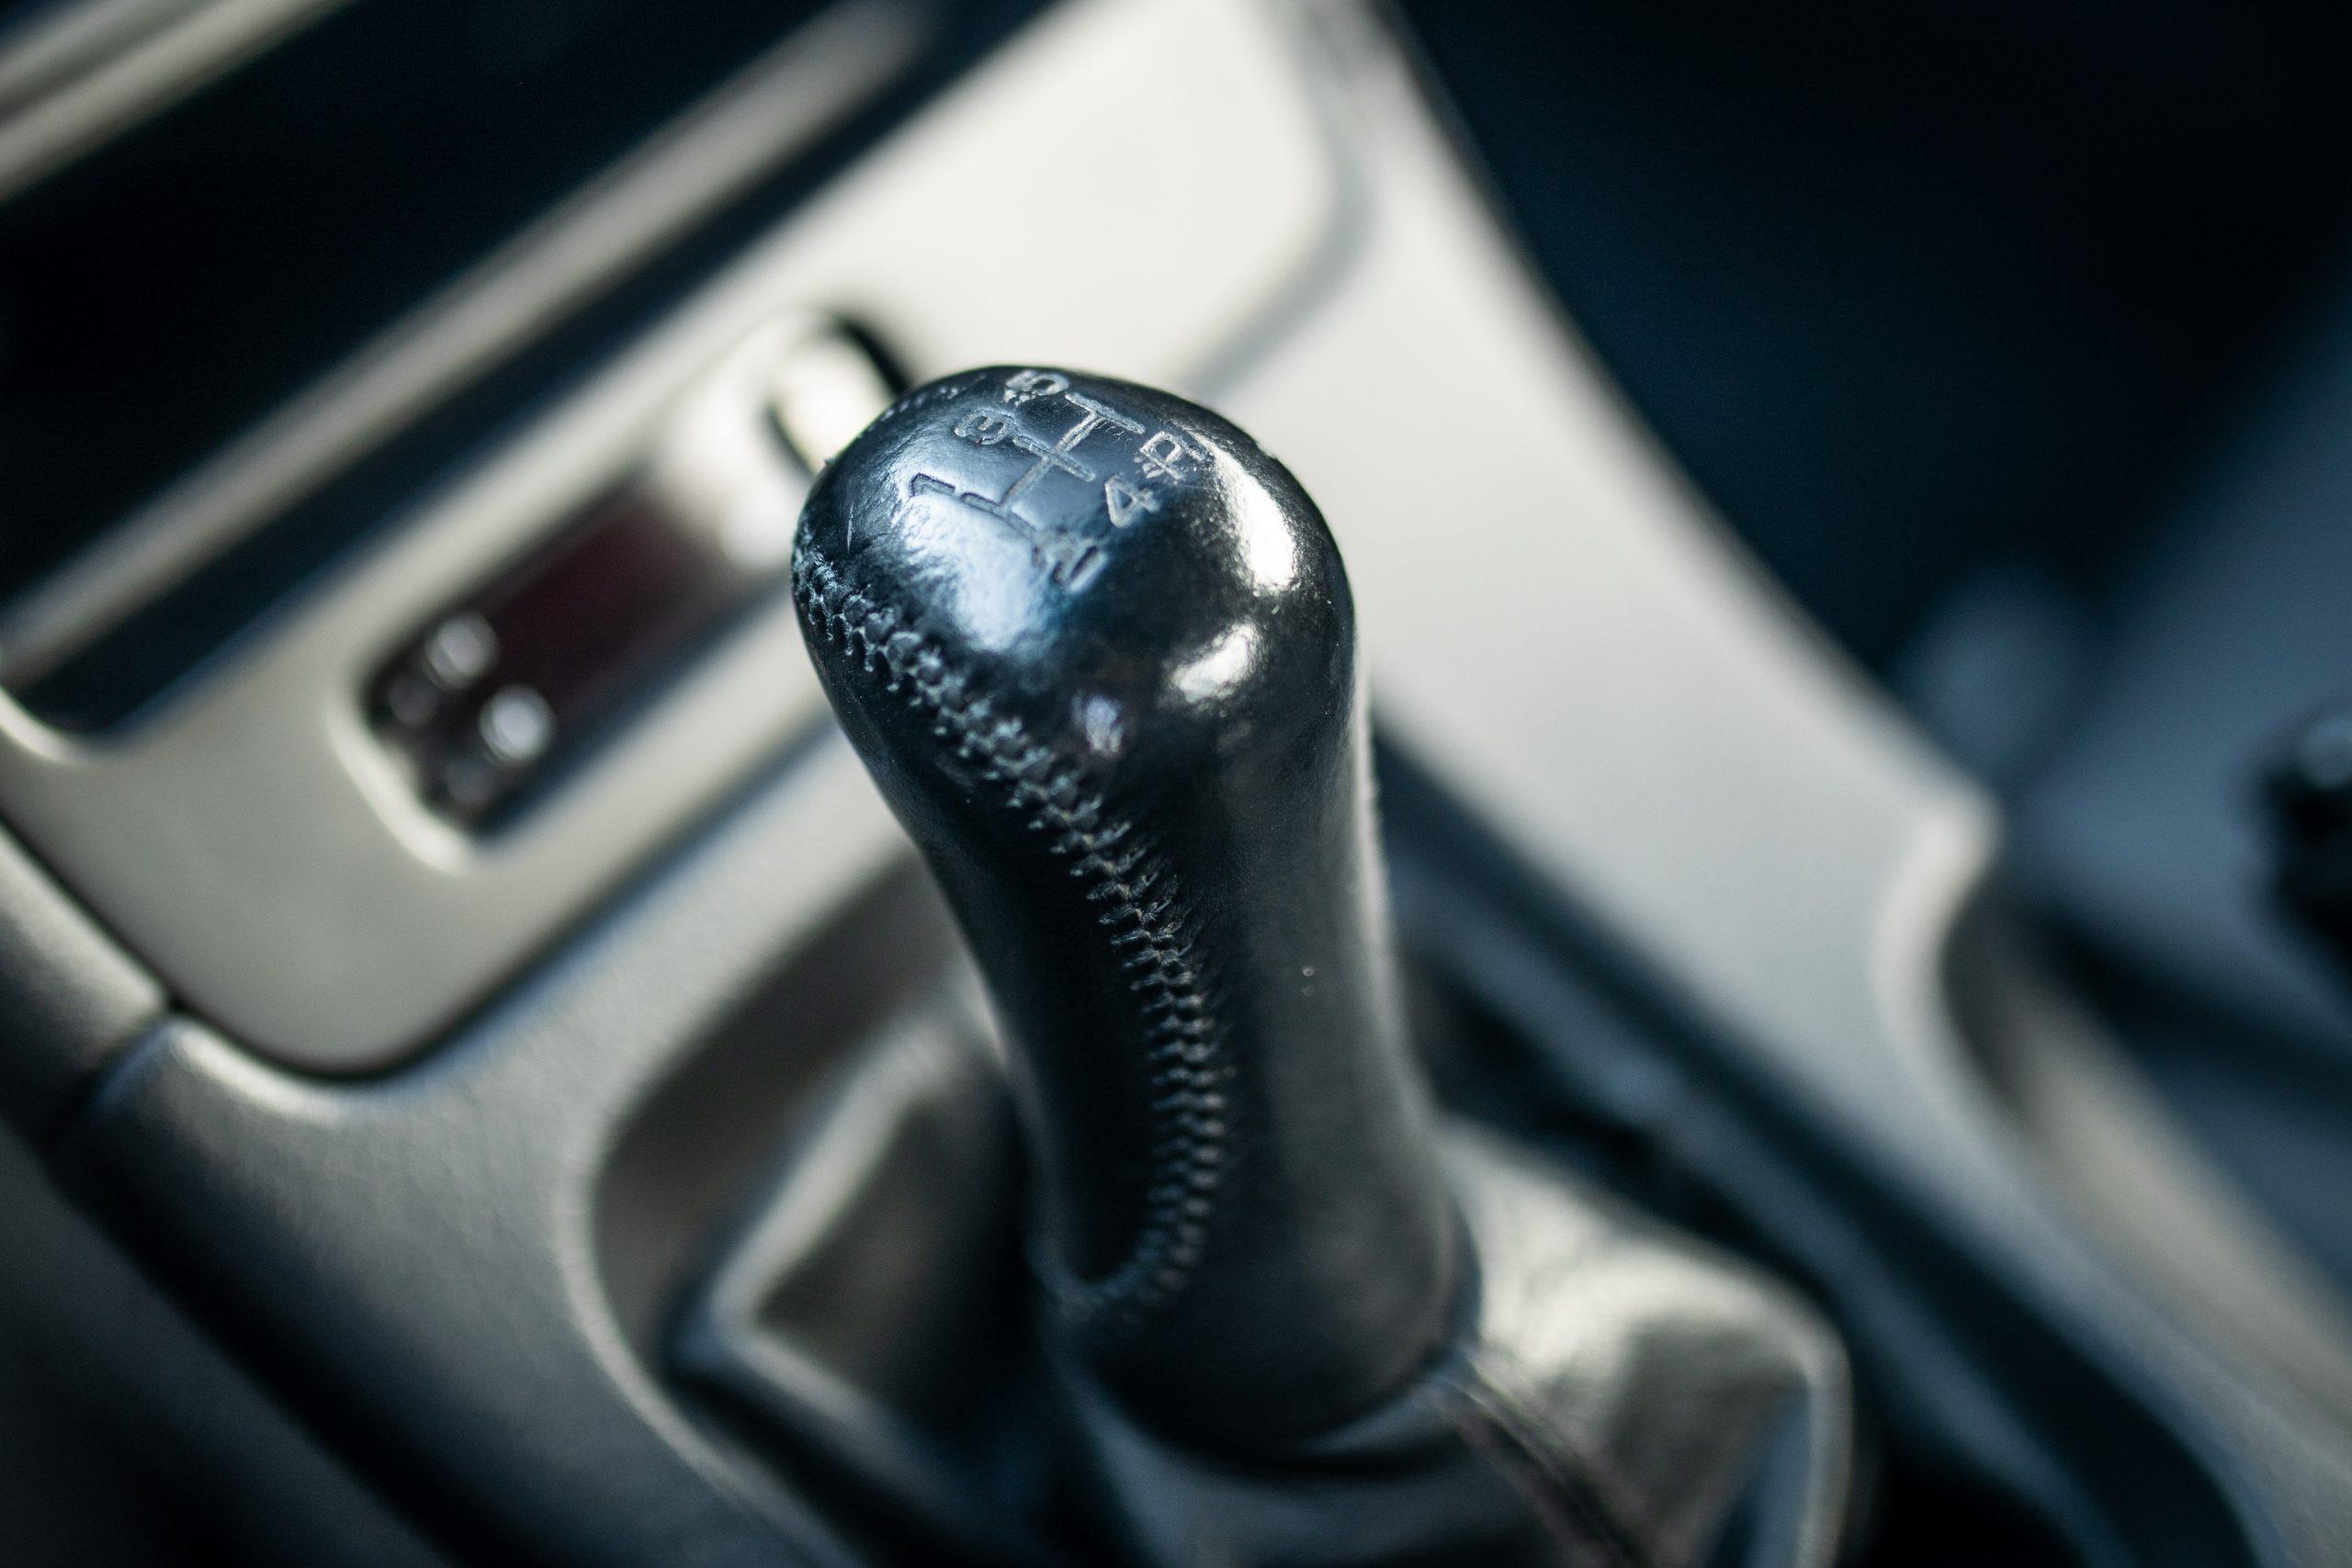 Nissan 300ZX shifter detail